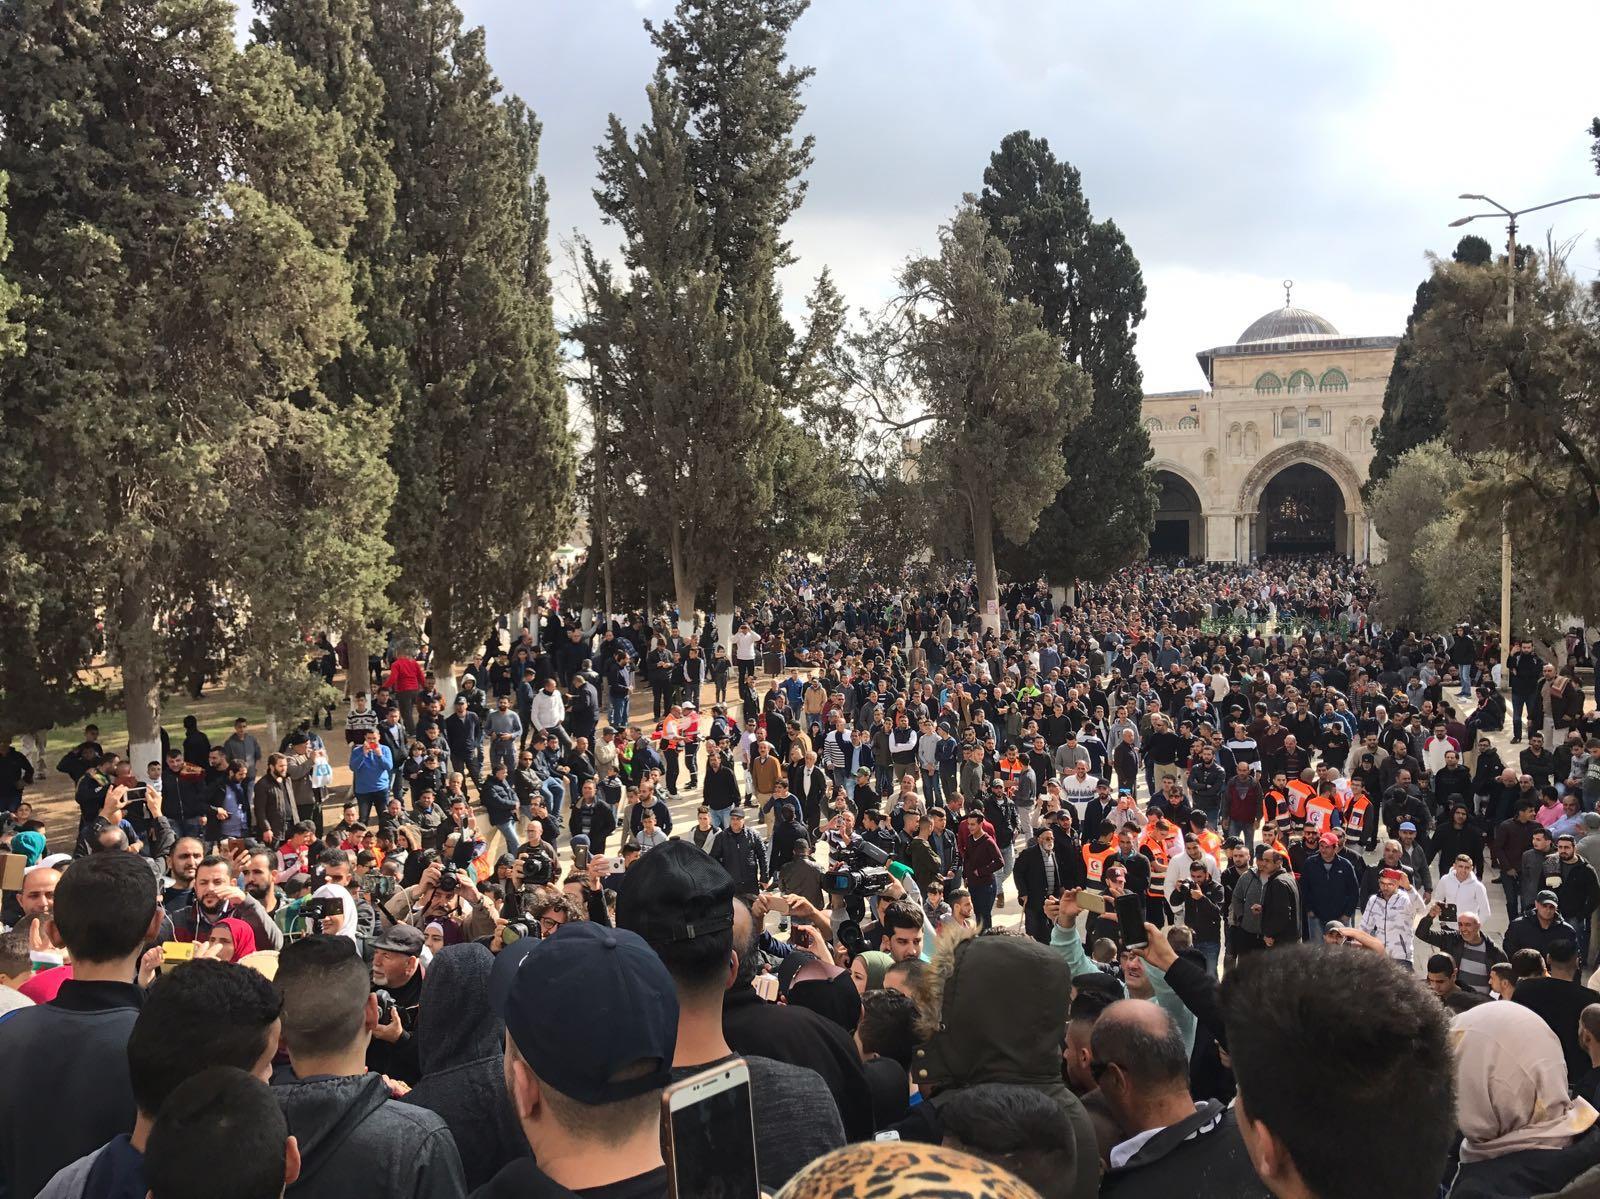 مواجهات مع الاحتلال رفضًا لإعلان ترامب